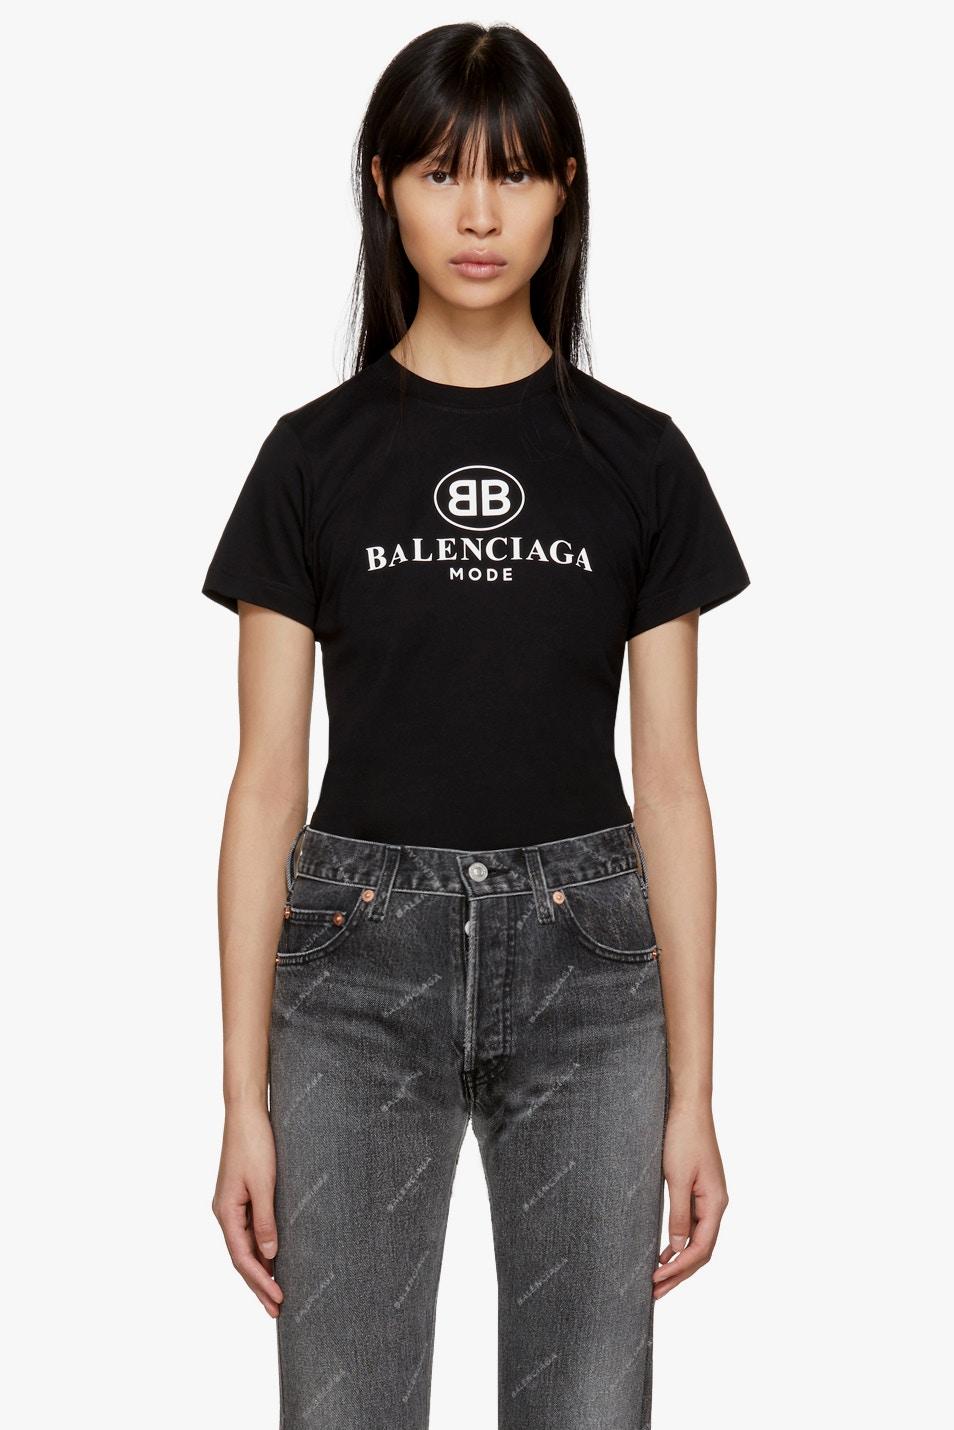 CNK-BALENCIAGA-LOGO-TEE-6.jpg